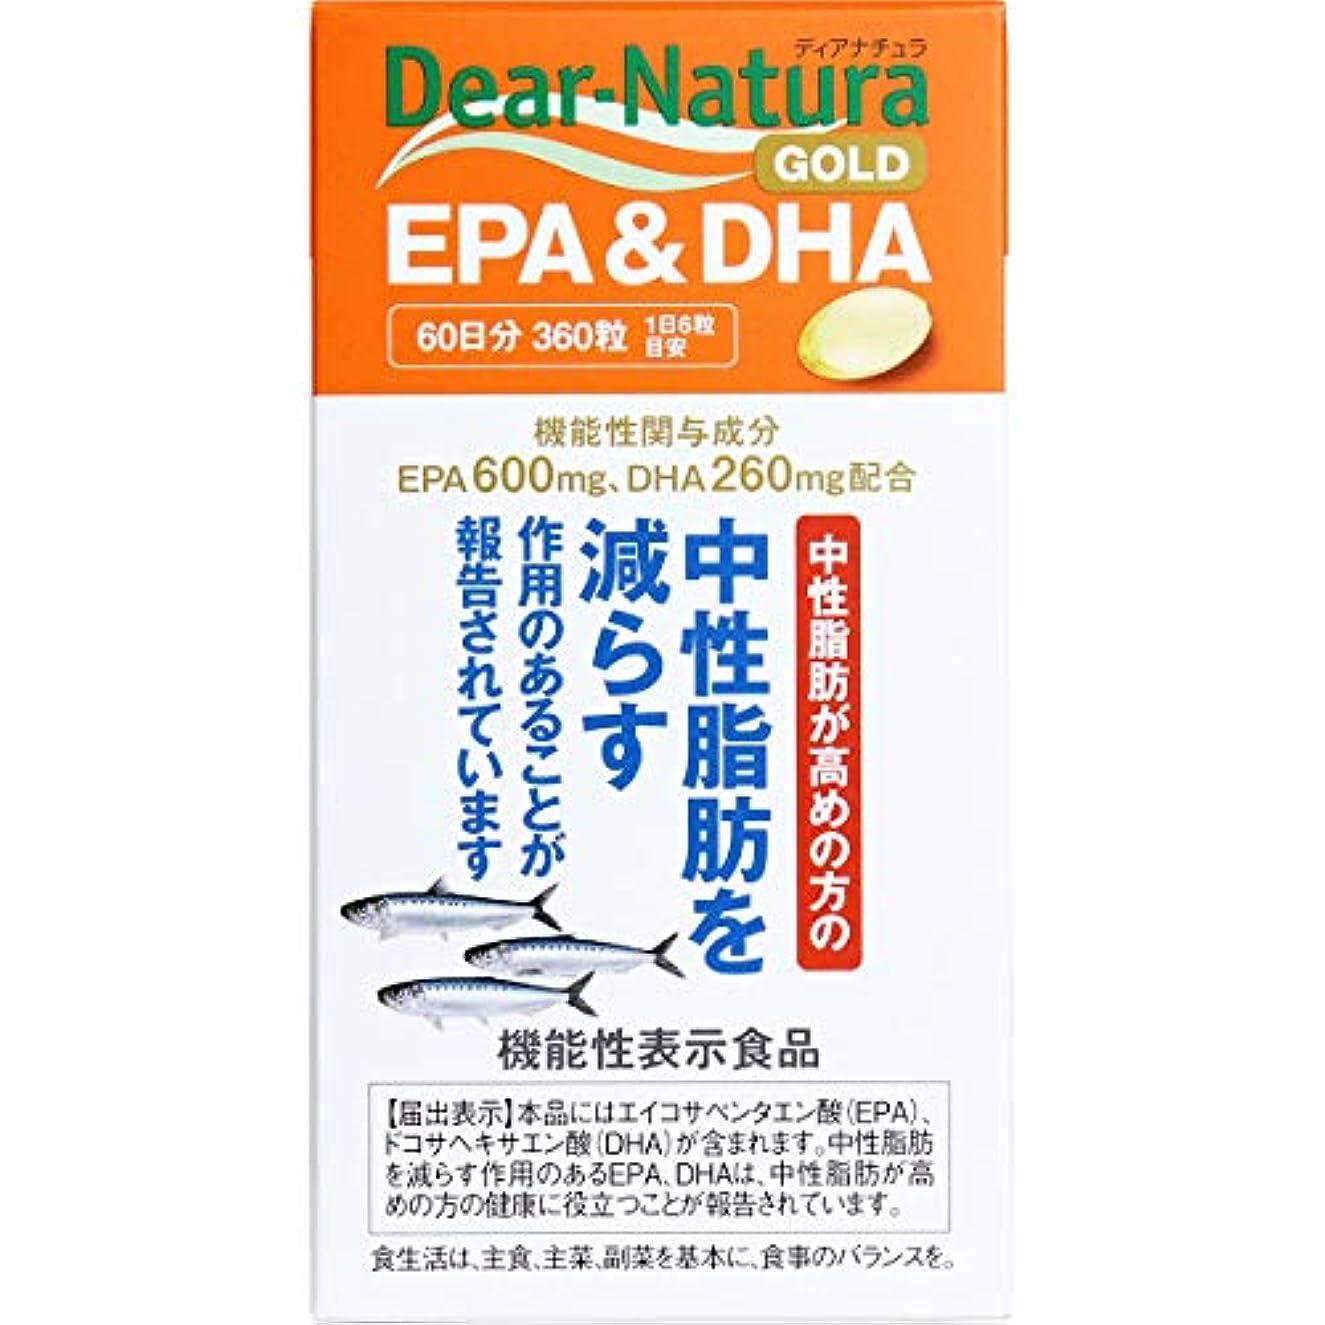 ダウンタウン一般化する仕方ディアナチュラゴールド EPA&DHA 60日分 360粒入×5個セット